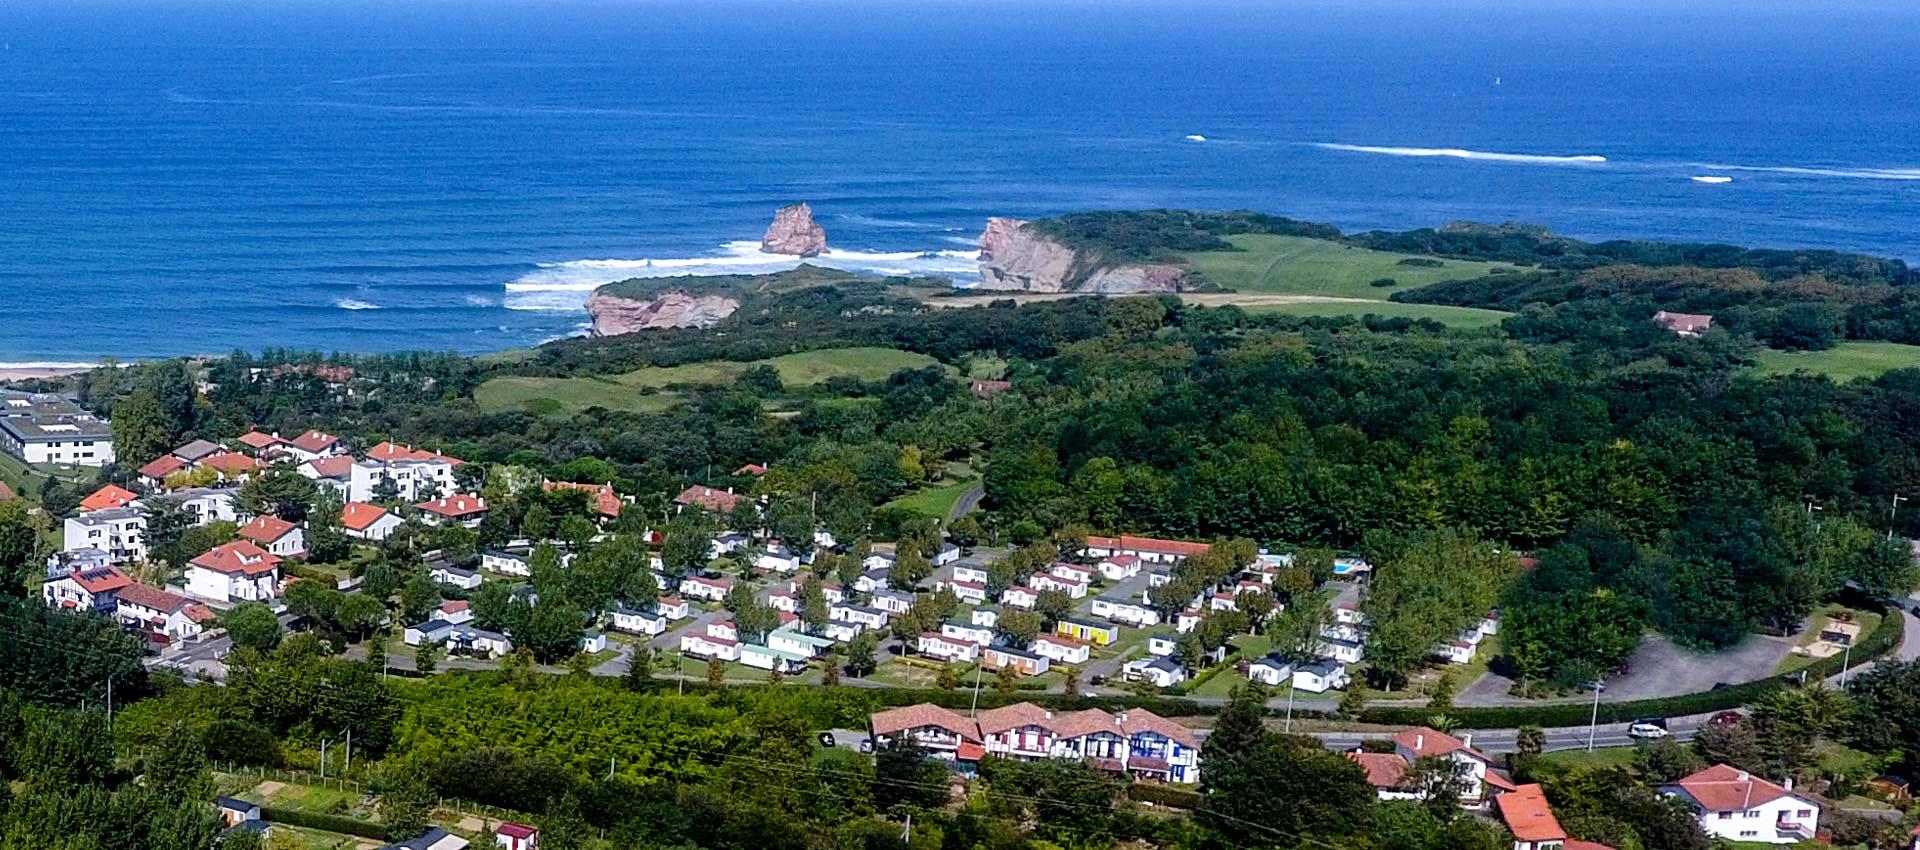 Camping Hendaye 4 étoiles, camping Pays Basque Cote Basque bord de mer